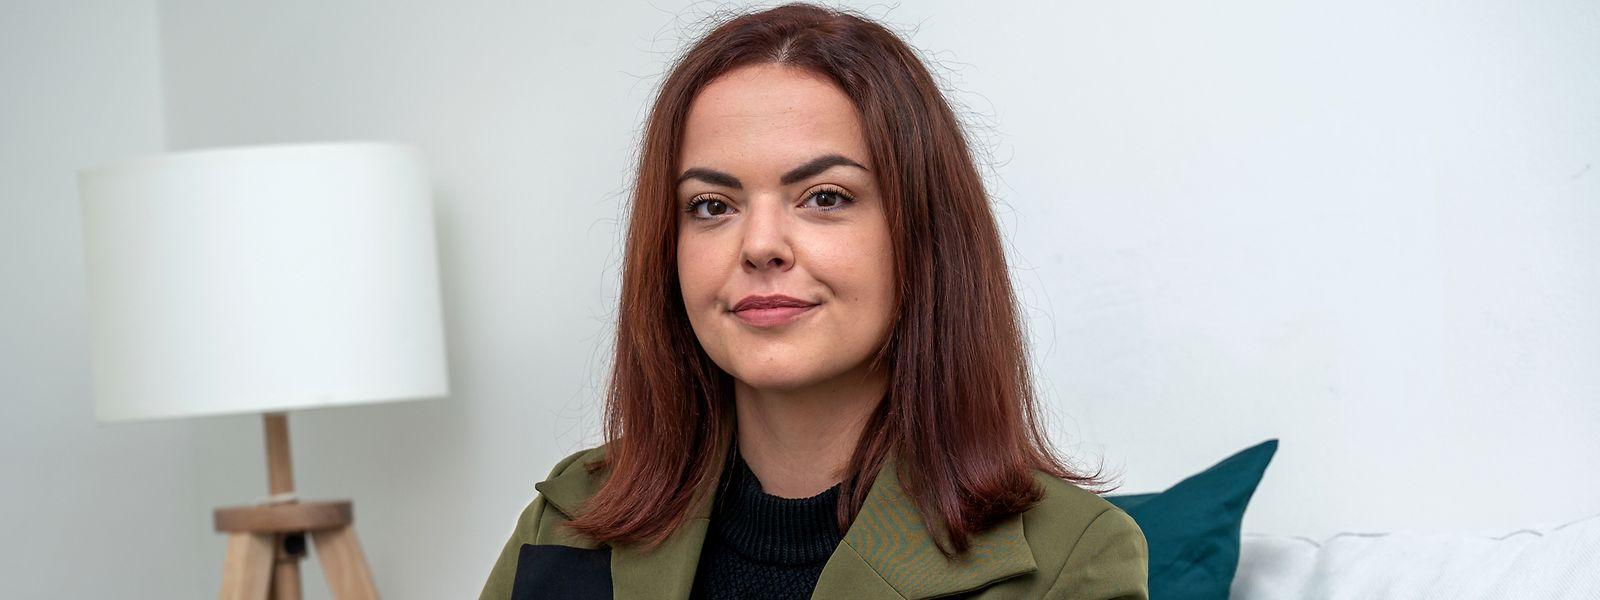 La jeune entrepreneuse Ilana Devillers a déclaré la guerre aux déchets avec sa start-up F4A. Après une offensive au Luxembourg, elle vise l'étranger.